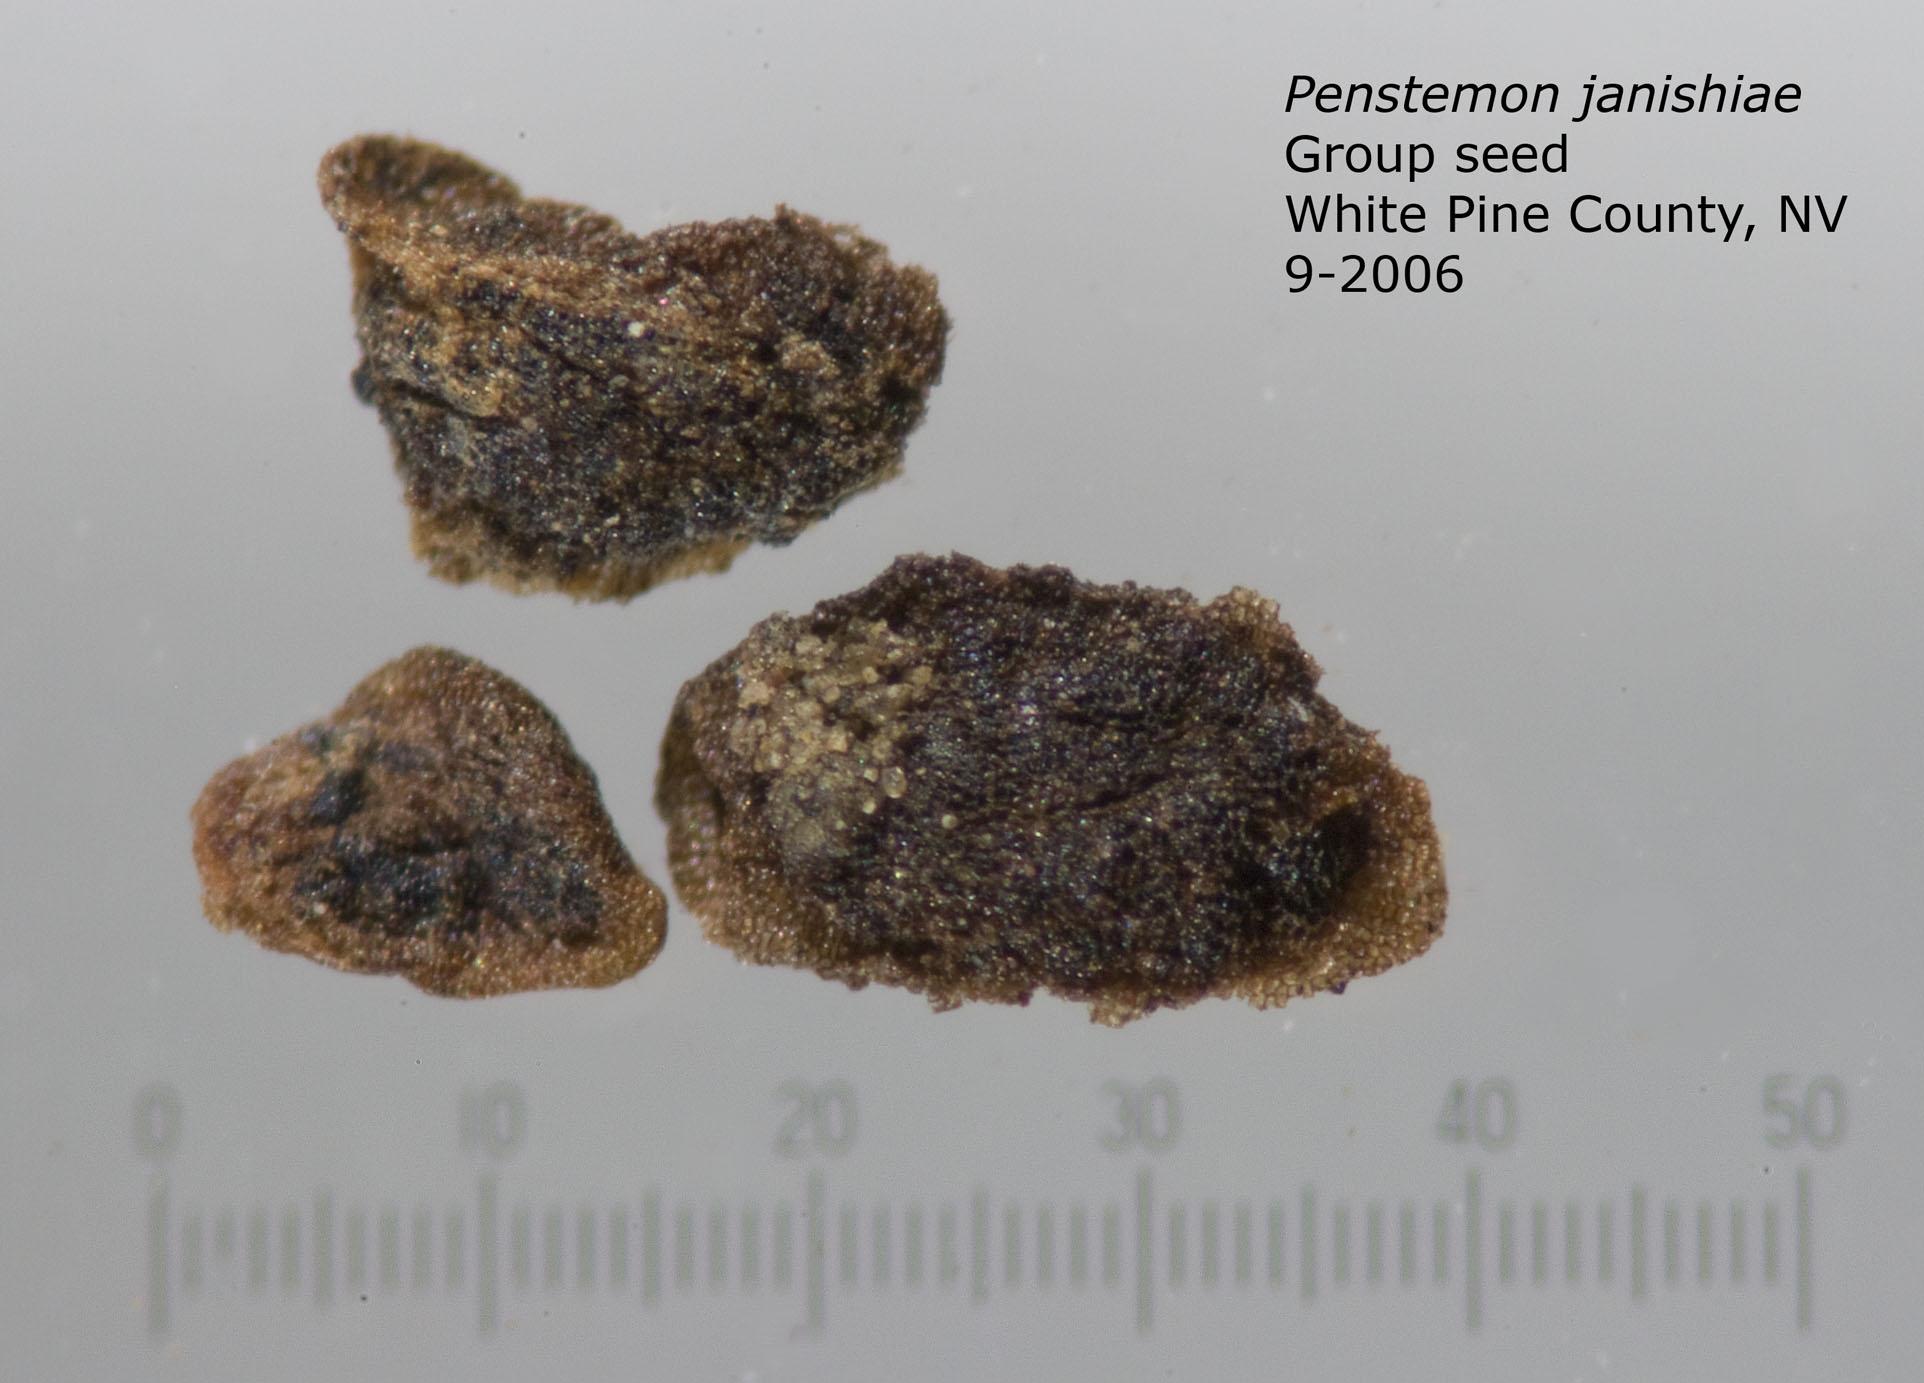 Penstemon janishiae group of seeds